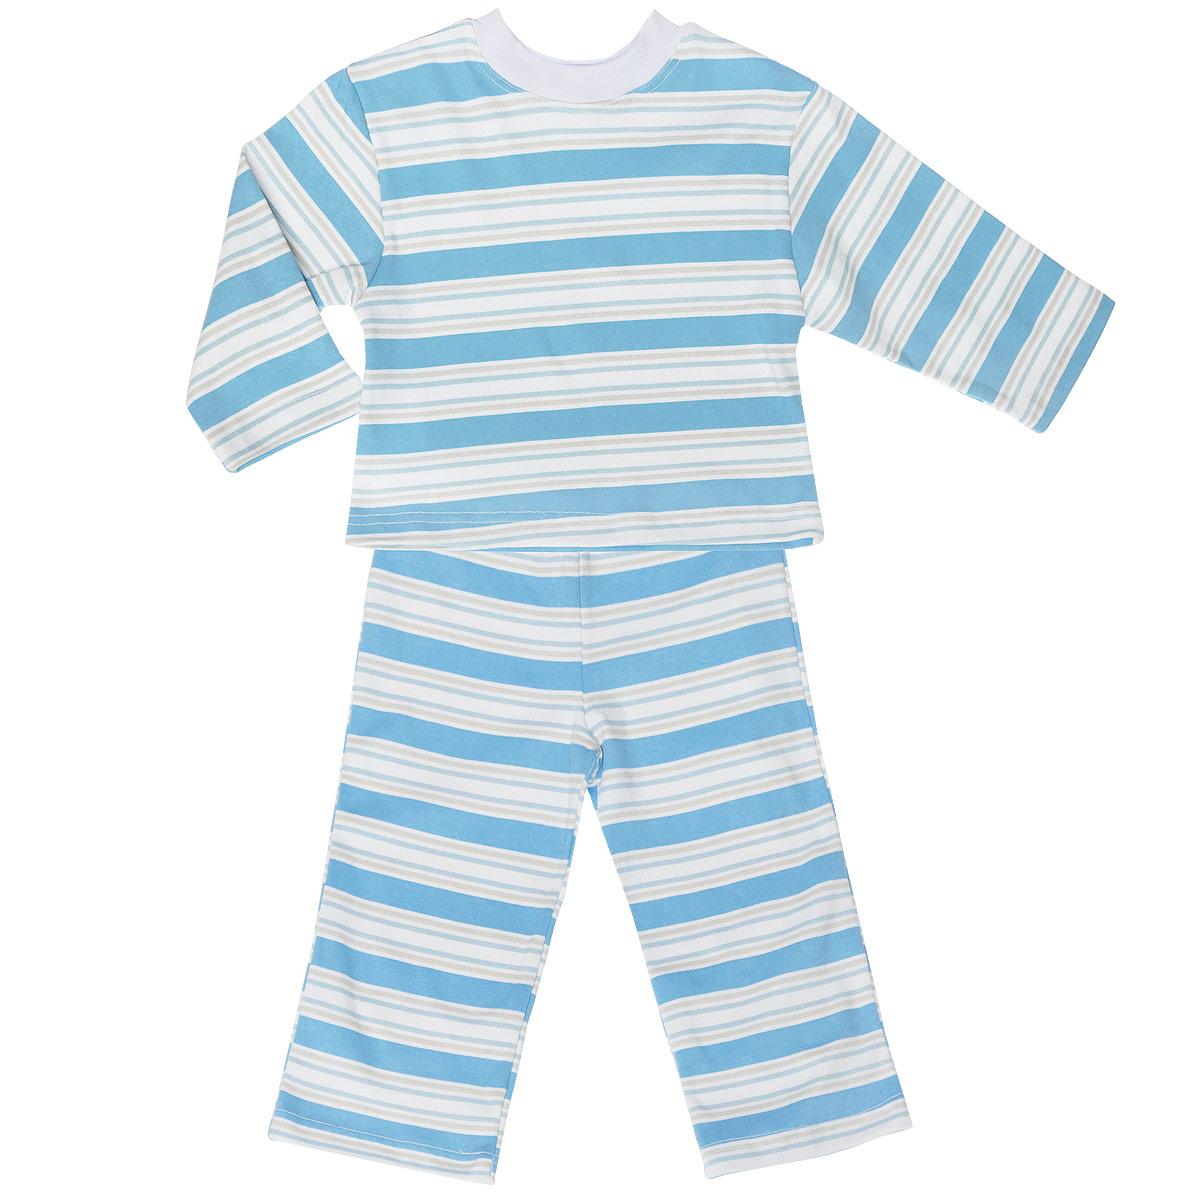 Пижама детская Трон-плюс, цвет: голубой, белый. 5584_полоска. Размер 98/104, 3-5 лет5584_полоскаУютная детская пижама Трон-плюс, состоящая из джемпера и брюк, идеально подойдет вашему ребенку и станет отличным дополнением к детскому гардеробу. Изготовленная из натурального хлопка, она необычайно мягкая и легкая, не сковывает движения, позволяет коже дышать и не раздражает даже самую нежную и чувствительную кожу ребенка. Джемпер с длинными рукавами и круглым вырезом горловины оформлен принтом в полоску. Вырез горловины дополнен трикотажной эластичной резинкой. Брюки на талии имеют эластичную резинку, благодаря чему не сдавливают живот ребенка и не сползают. Оформлены брючки также принтом в полоску. В такой пижаме ваш ребенок будет чувствовать себя комфортно и уютно во время сна.